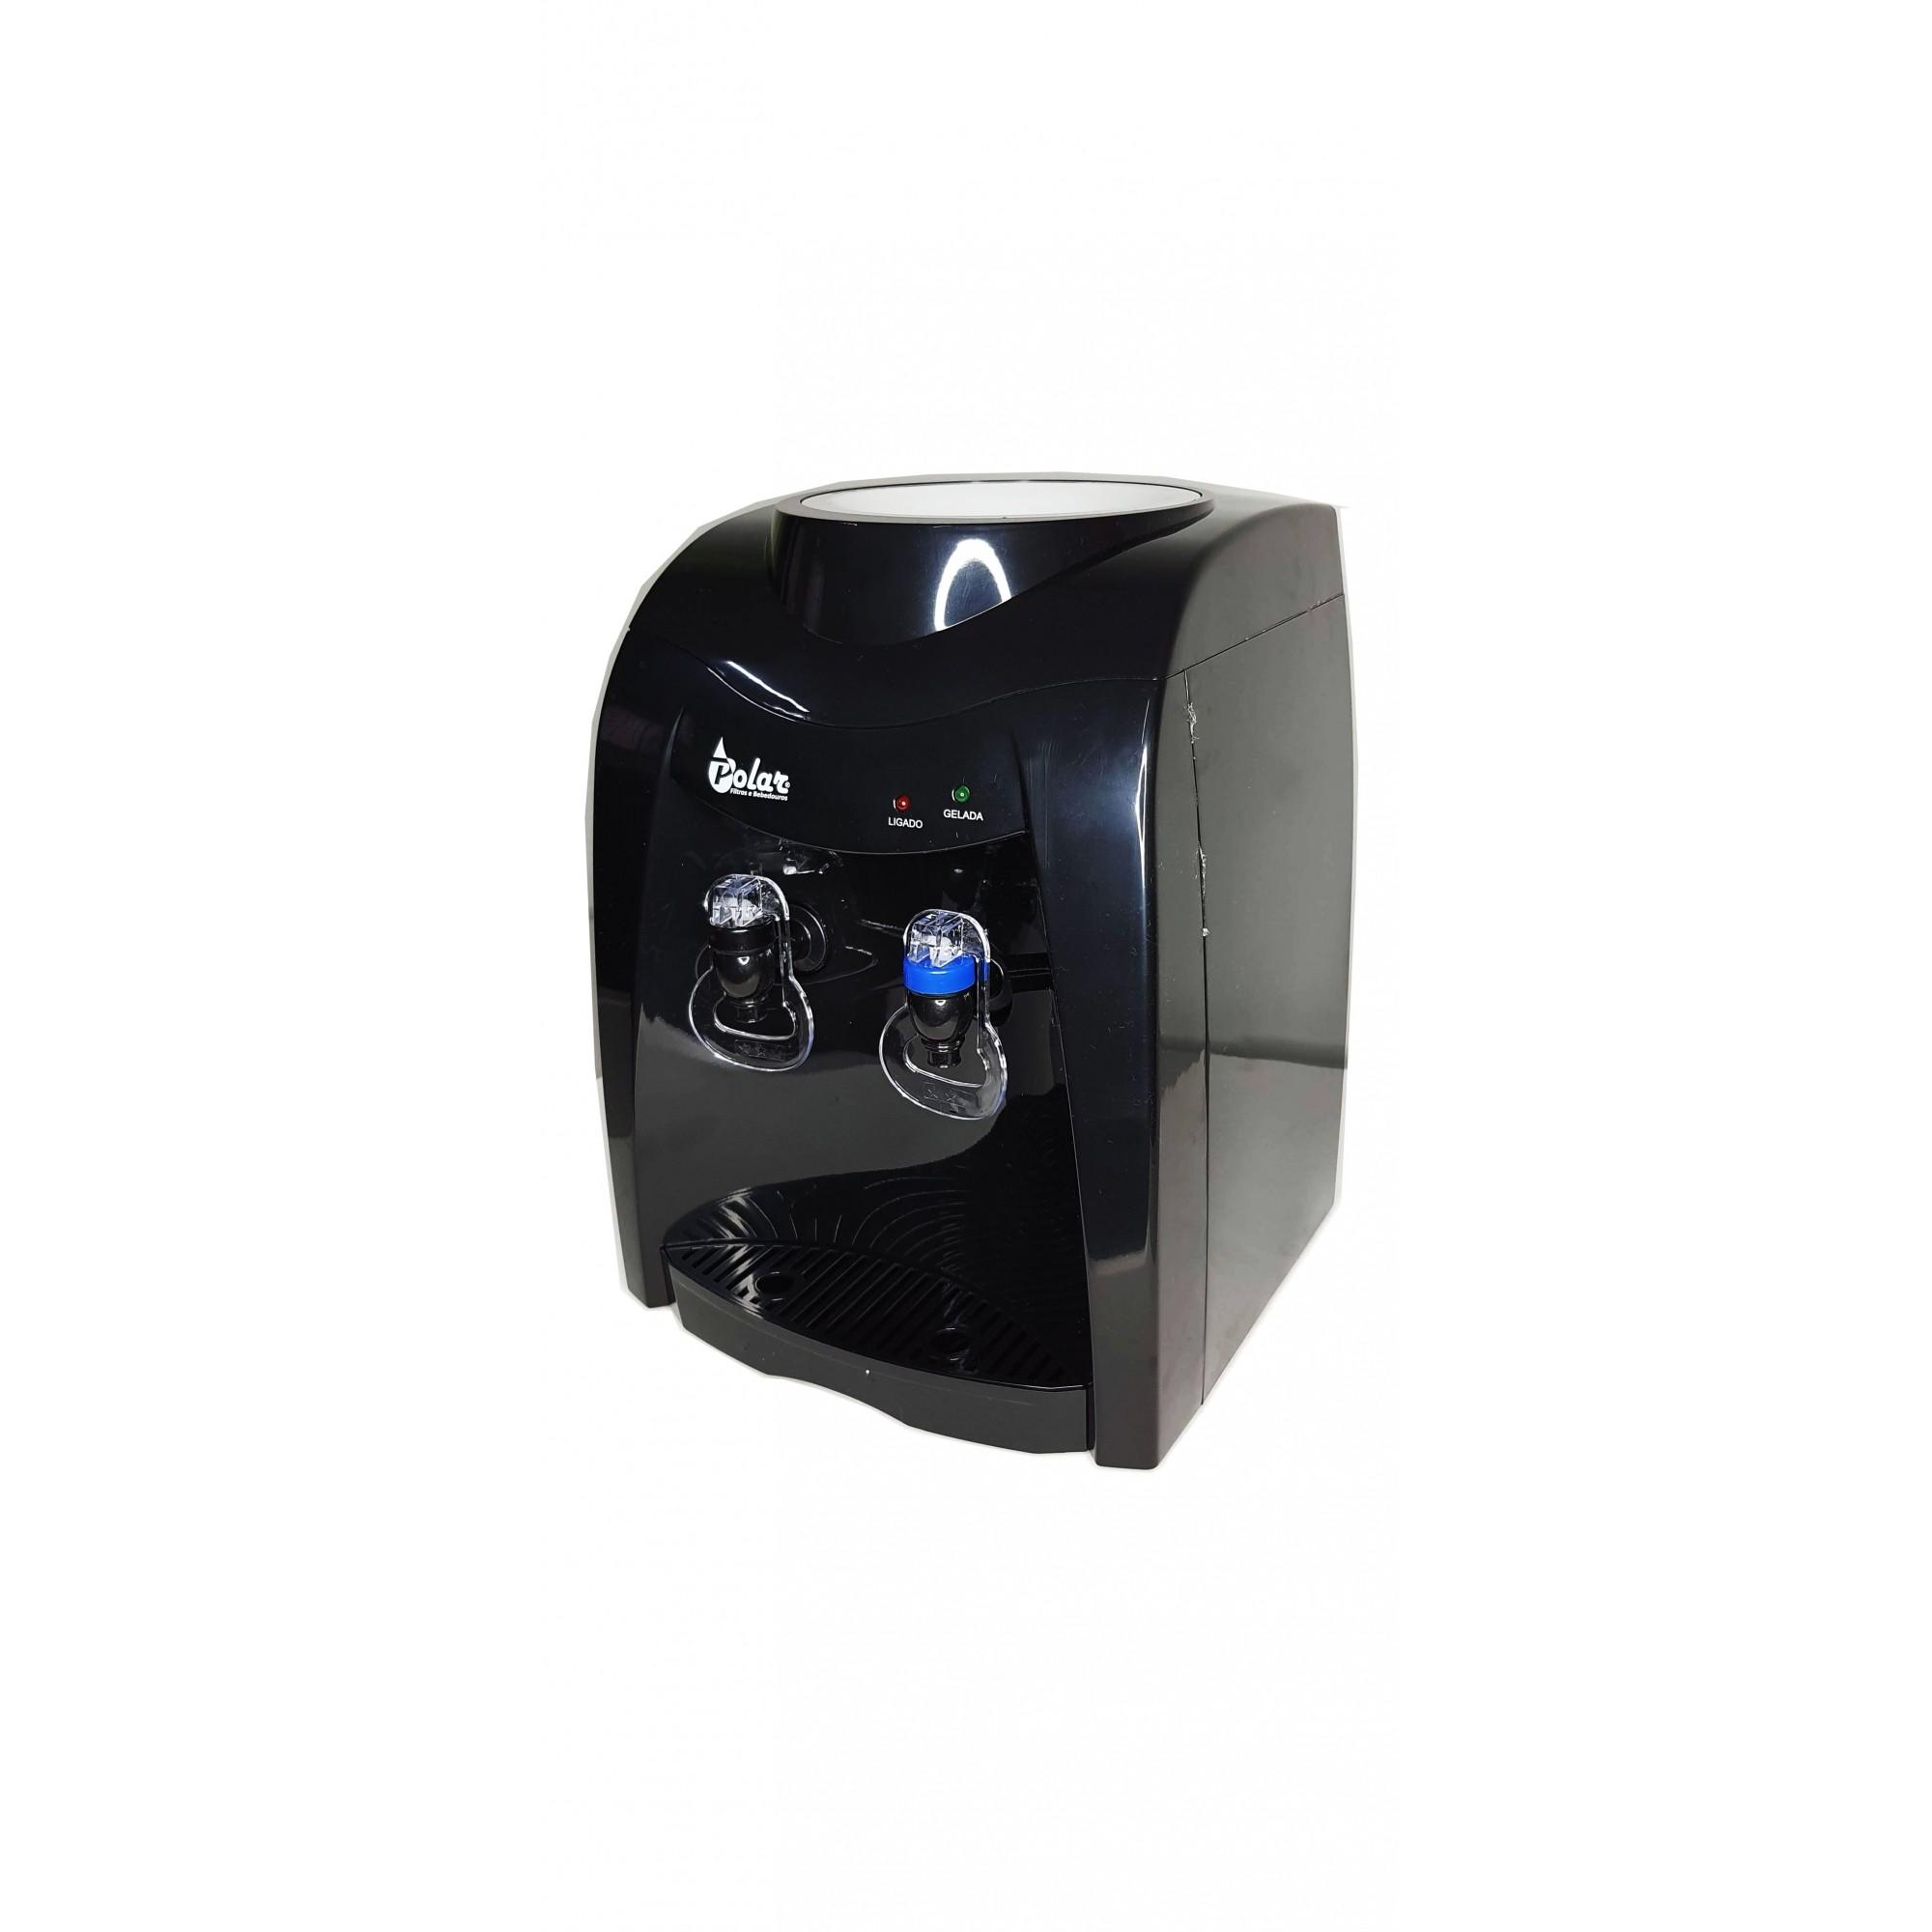 Bebedouro Eletrônico Refrigerado Polar Preto - SV5500B  220v